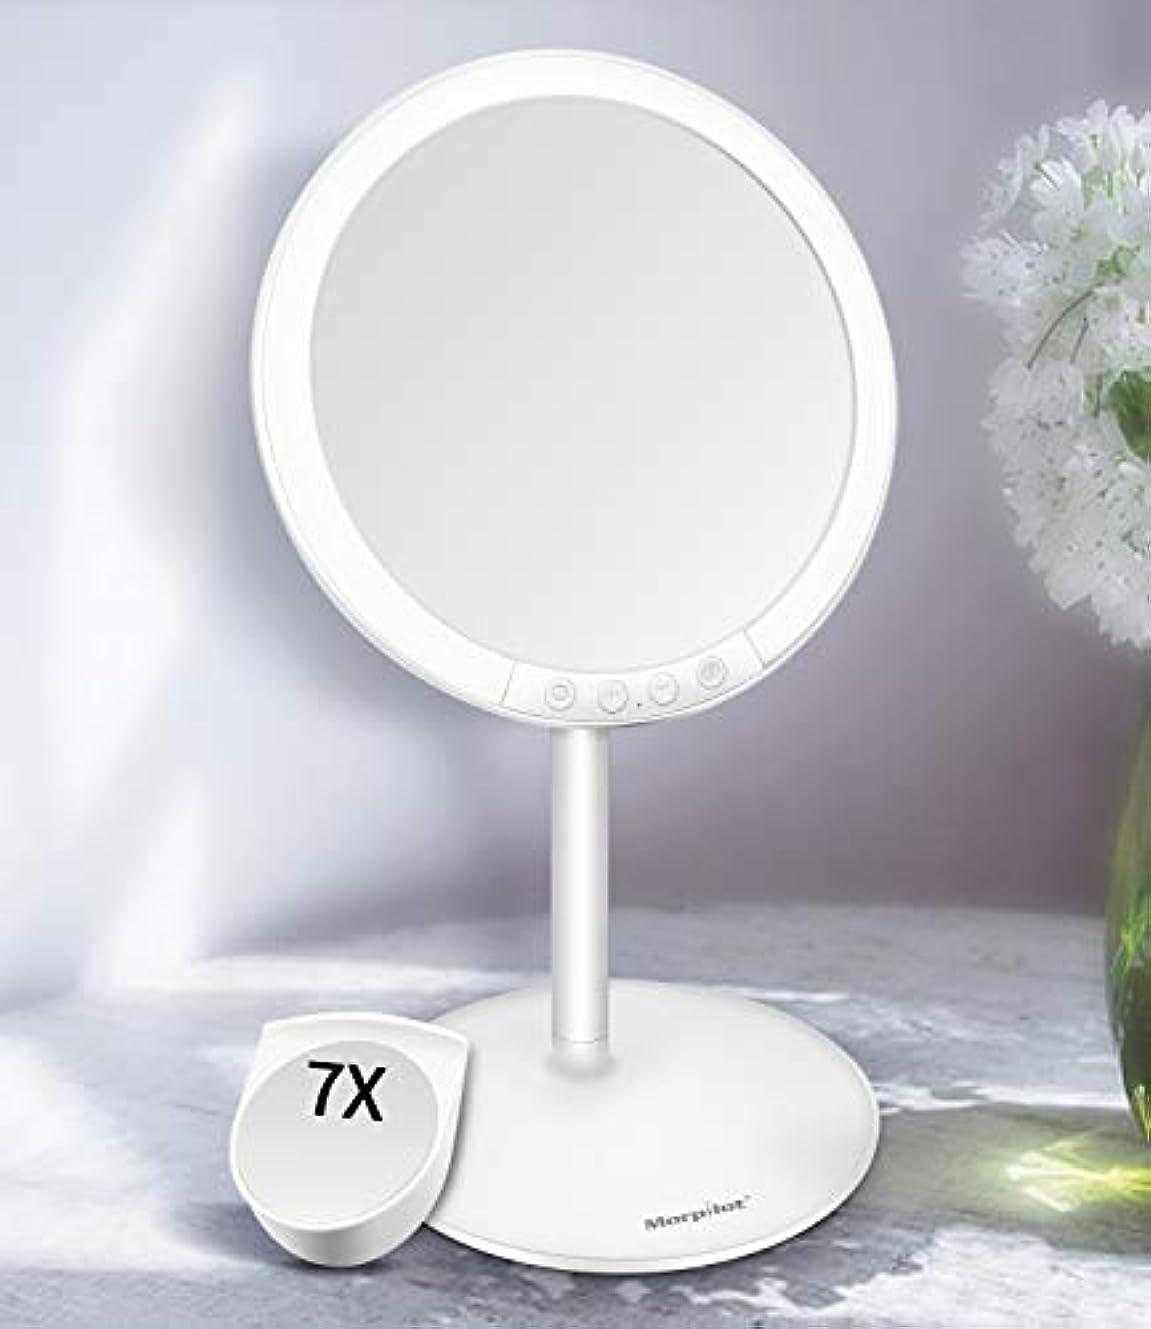 なぞらえるラウンジ啓発するMotpilot 化粧鏡 卓上ミラー 鏡 化粧ミラー 女優ミラー LEDミラー スタンドミラー USB充電式 寒暖色調節可能 明るさ7段階調節可能 7倍拡大鏡付き 120°回転 ホワイト